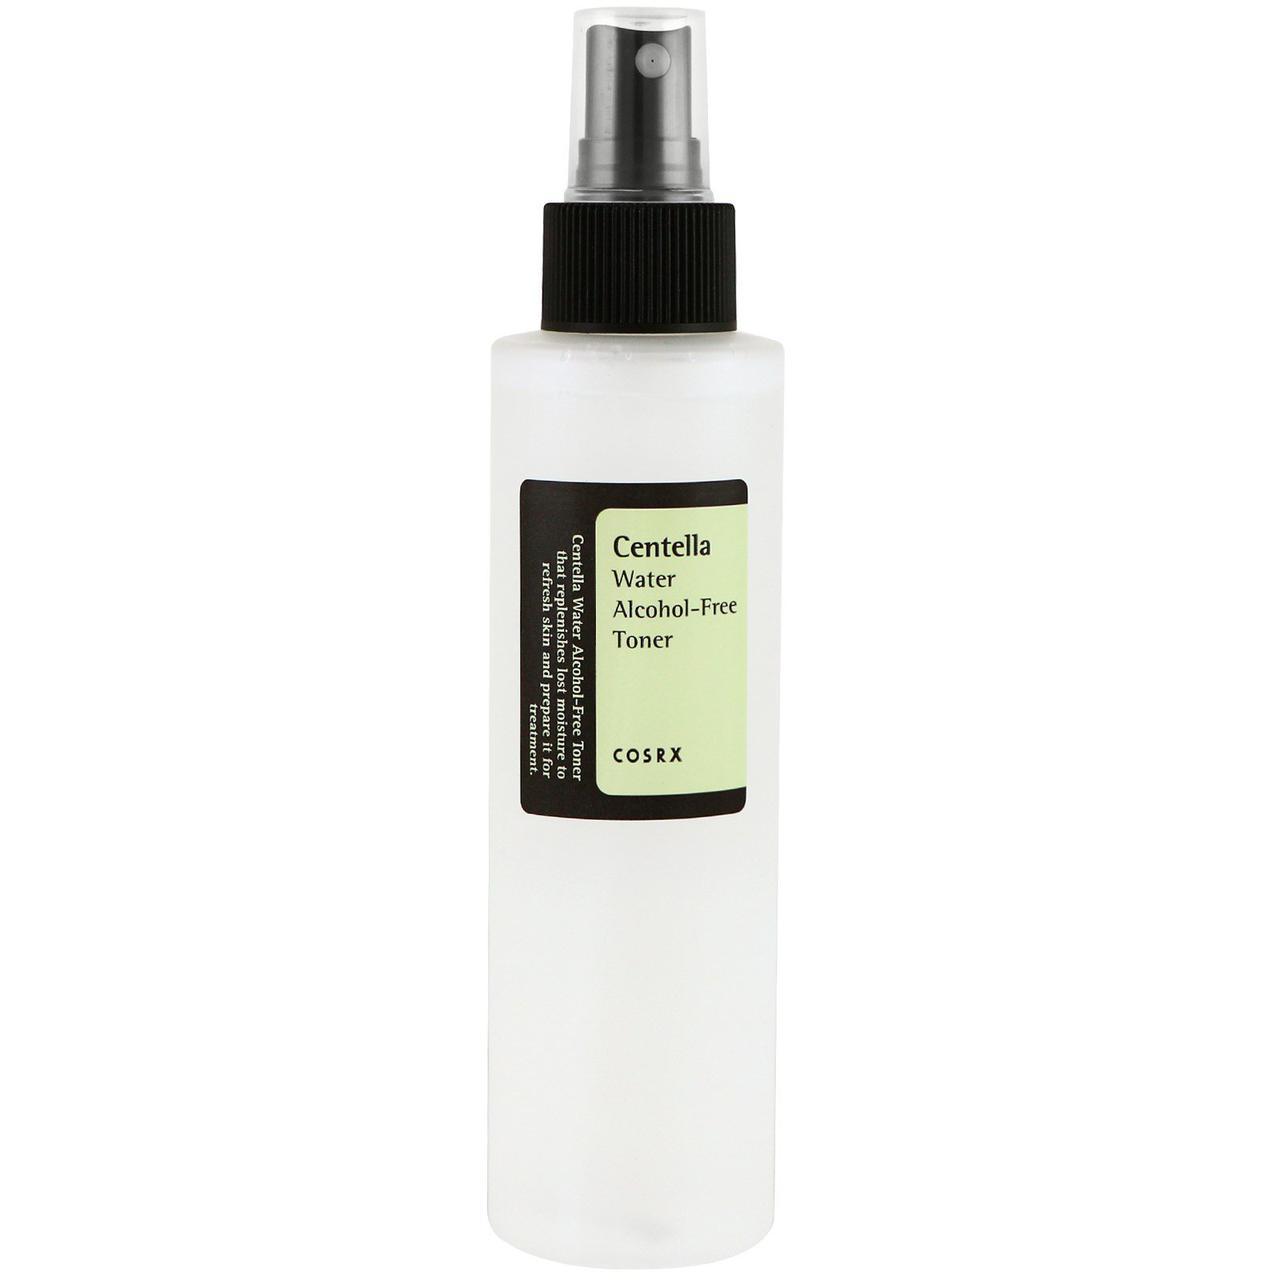 COSRX Centella Water Alcohol Free Toner Тонер для чувствительной кожи